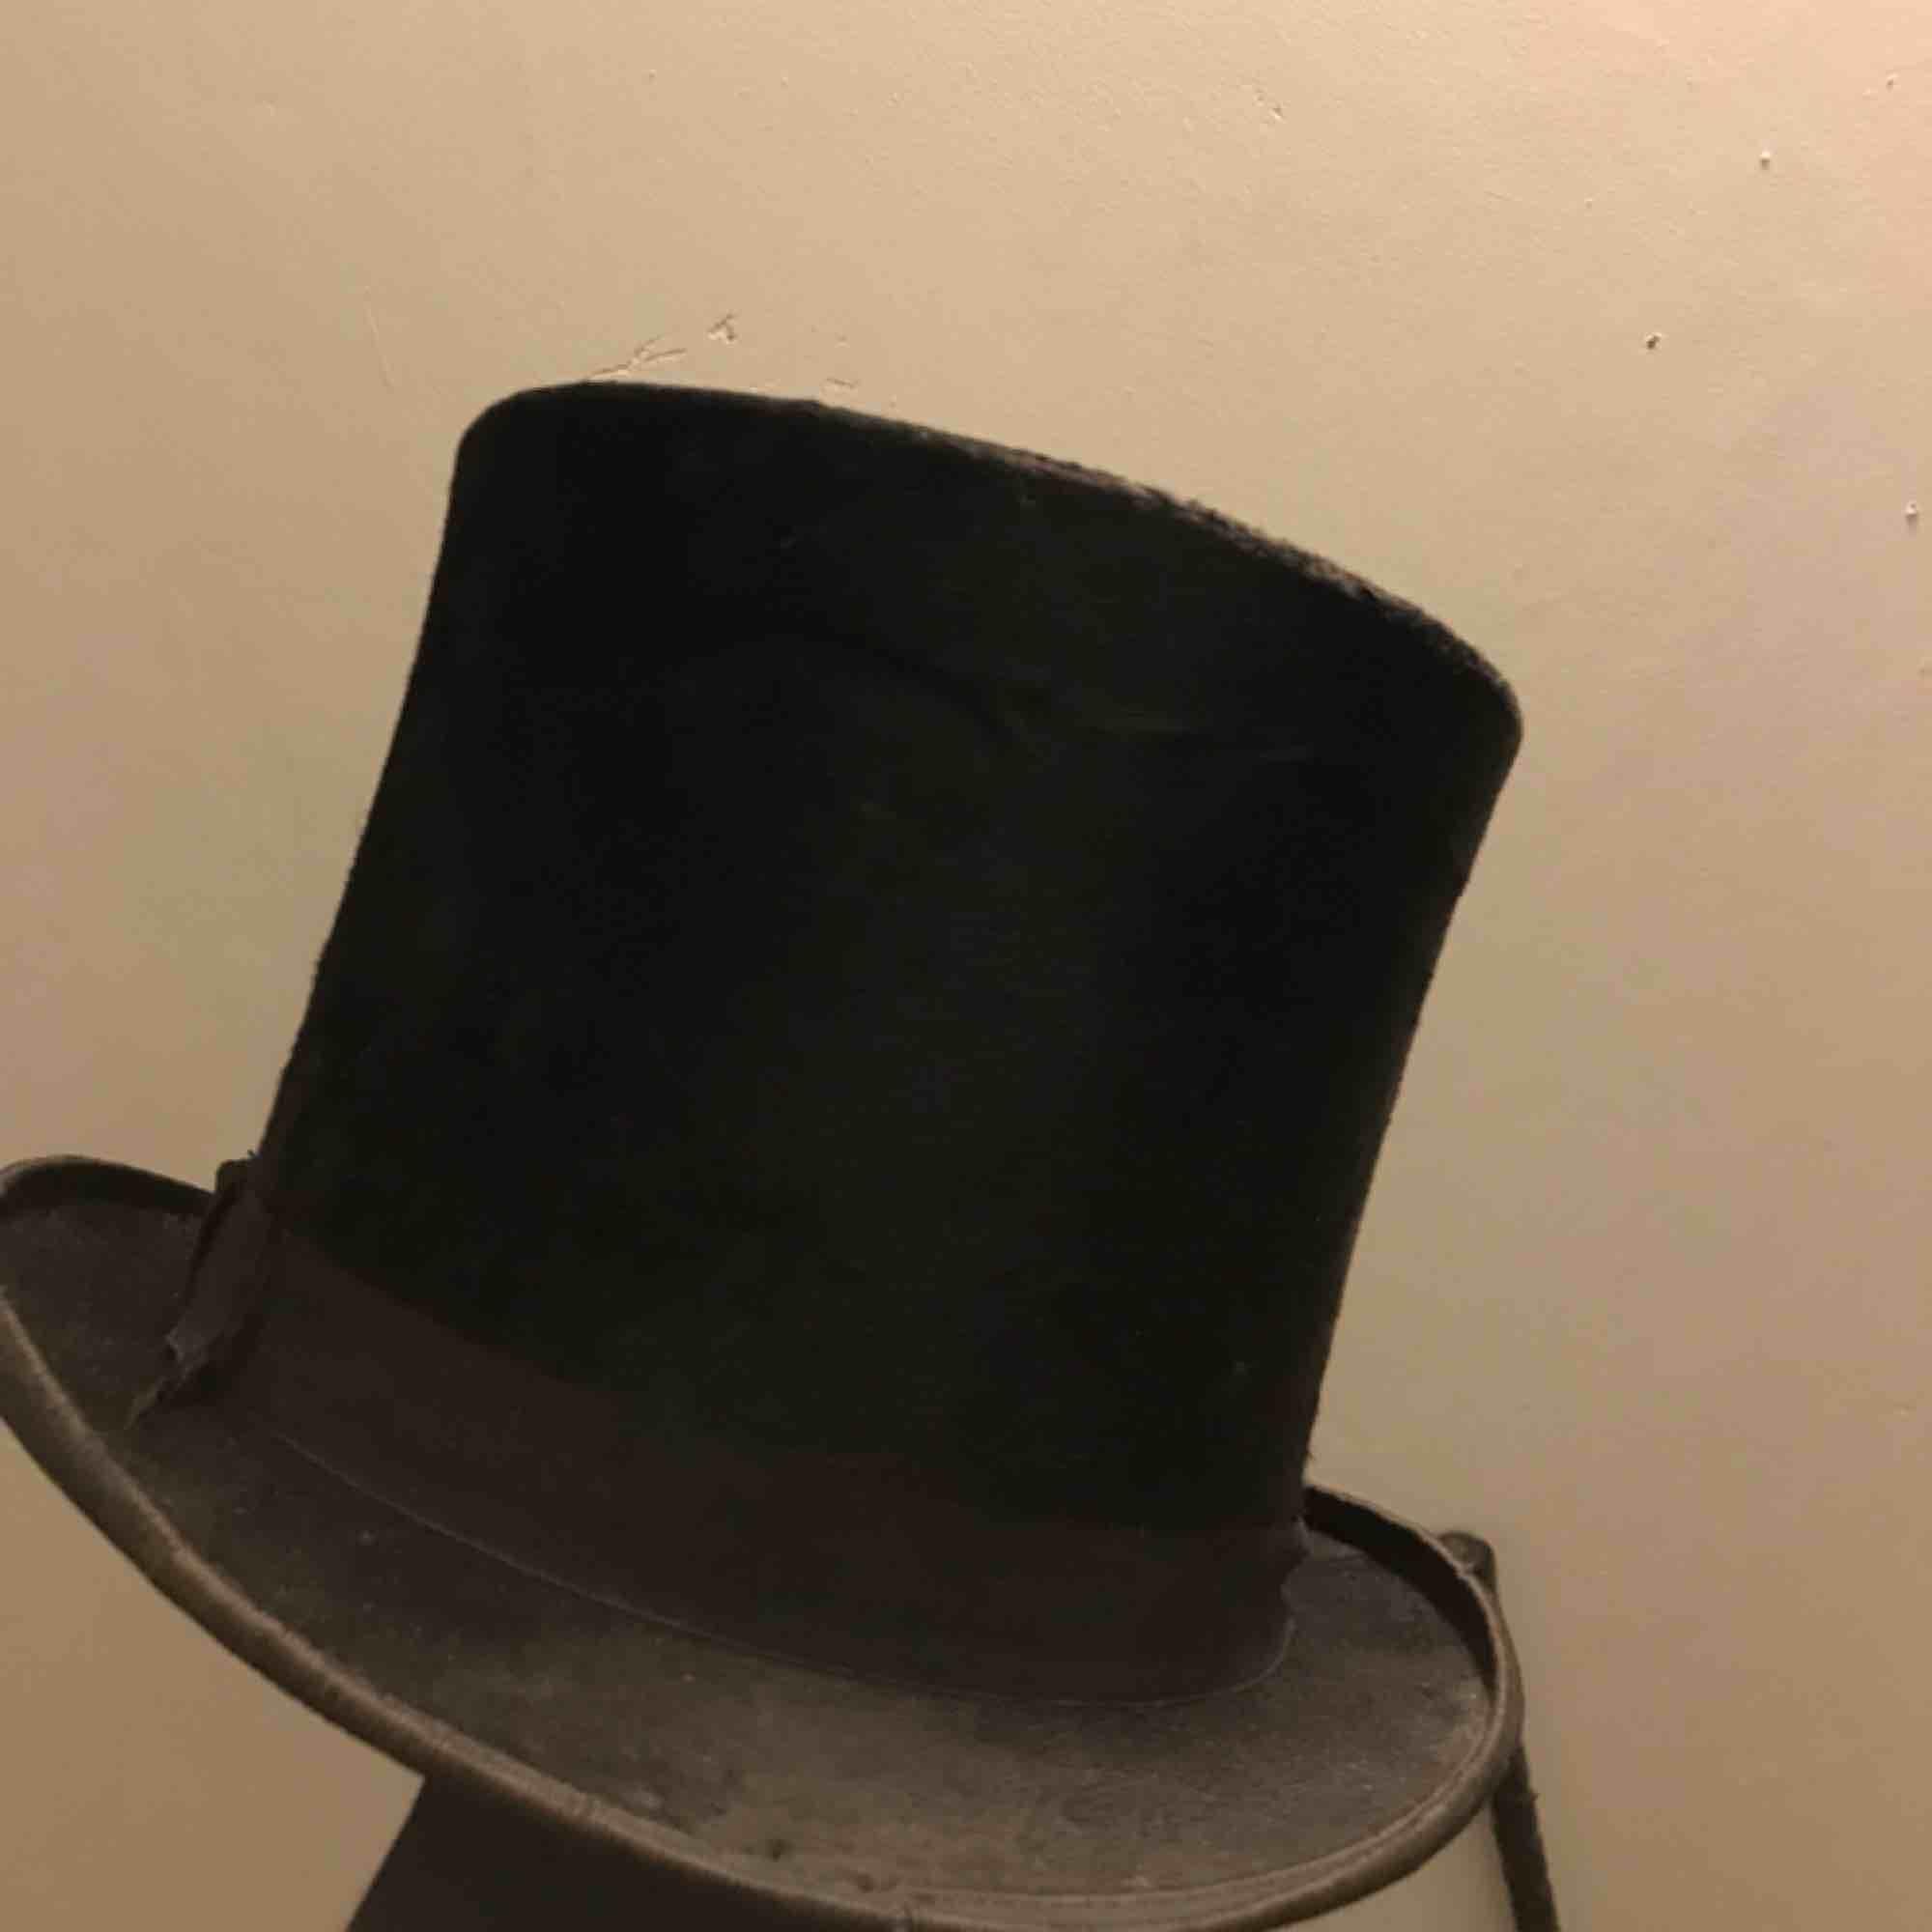 Hög hatt, svart antik cylinderhatt tillverkad i Paris. En klenod för varje gentleman. Äkta vara. Steampunk. En orginalväska kan medfölja. Accessoarer.